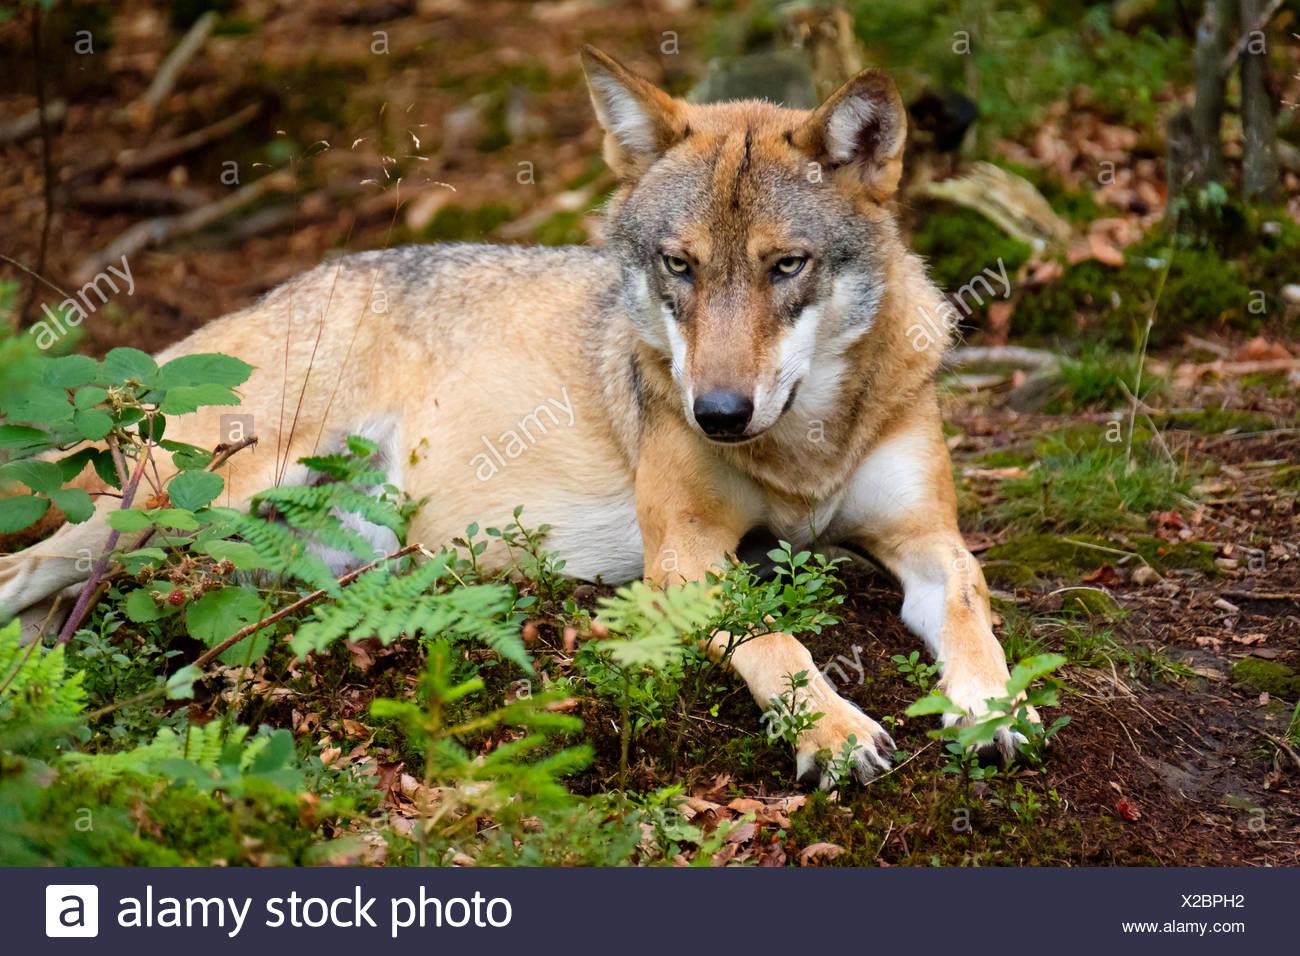 Wolf (Canis lupus), Tier-Freigelände im Nationalparkzentrum Falkenstein, Nationalpark Bayerischer Wald, Niederbayern, Bayern, Deutschland Stockbild